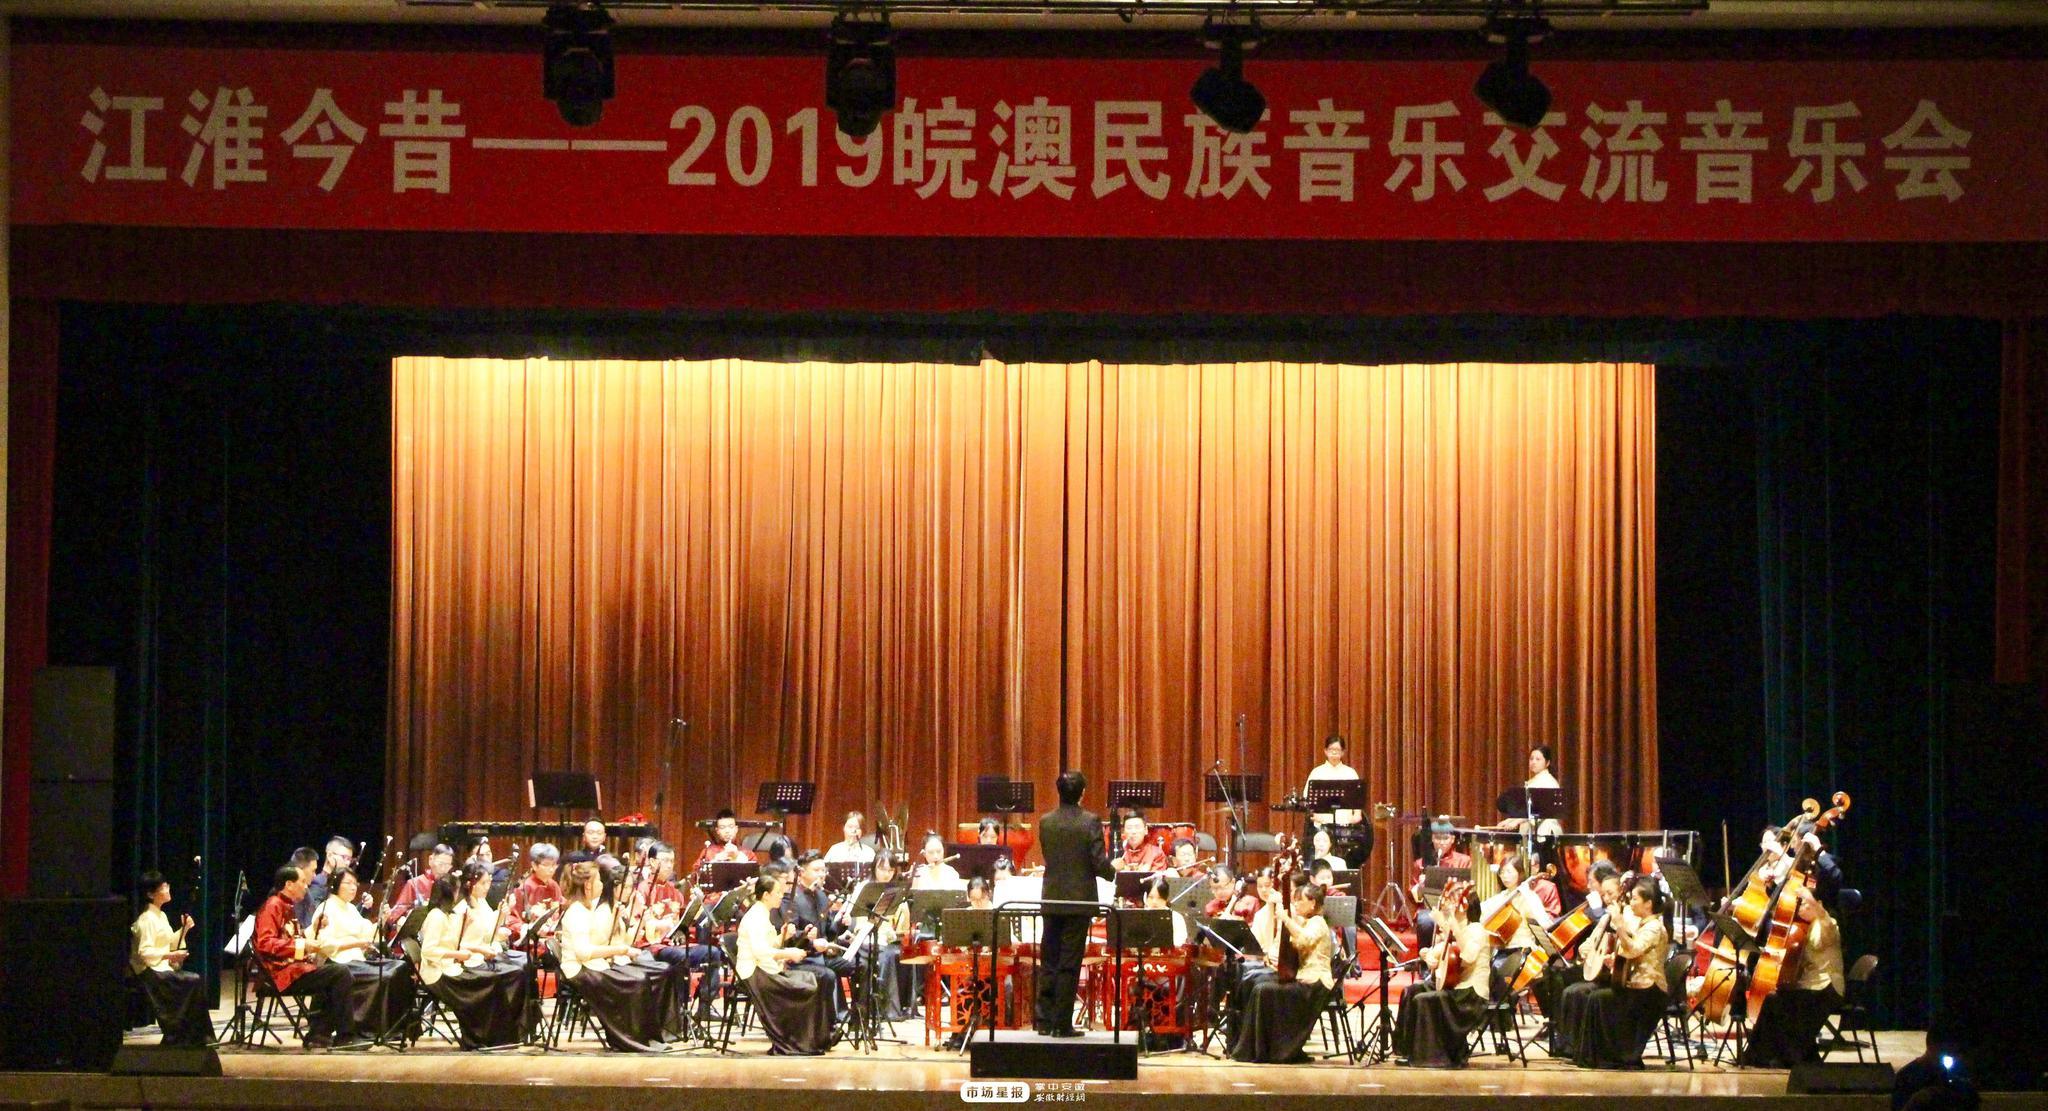 《江淮今夕》皖澳民族音乐交流音乐会池州上演